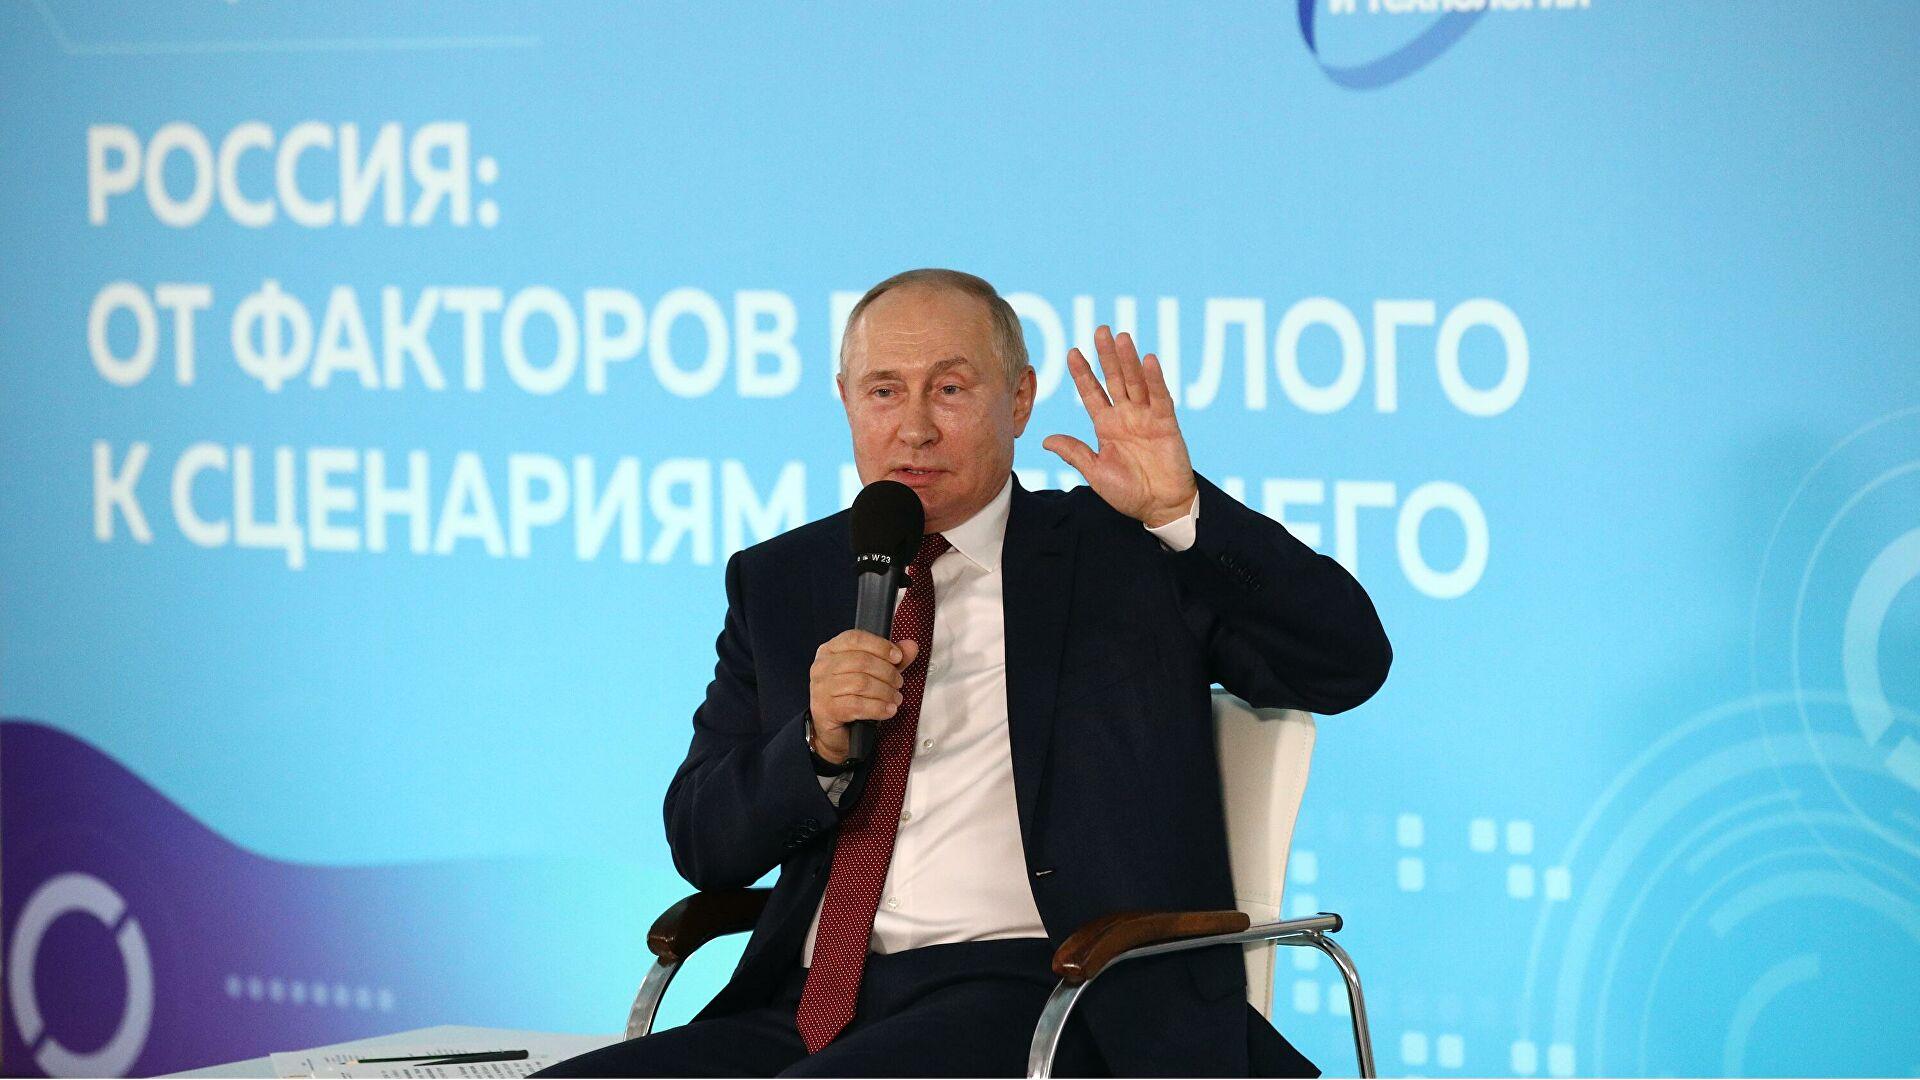 Путин рассказал, что население России, по некоторым оценкам, могло составить 500 млн человек